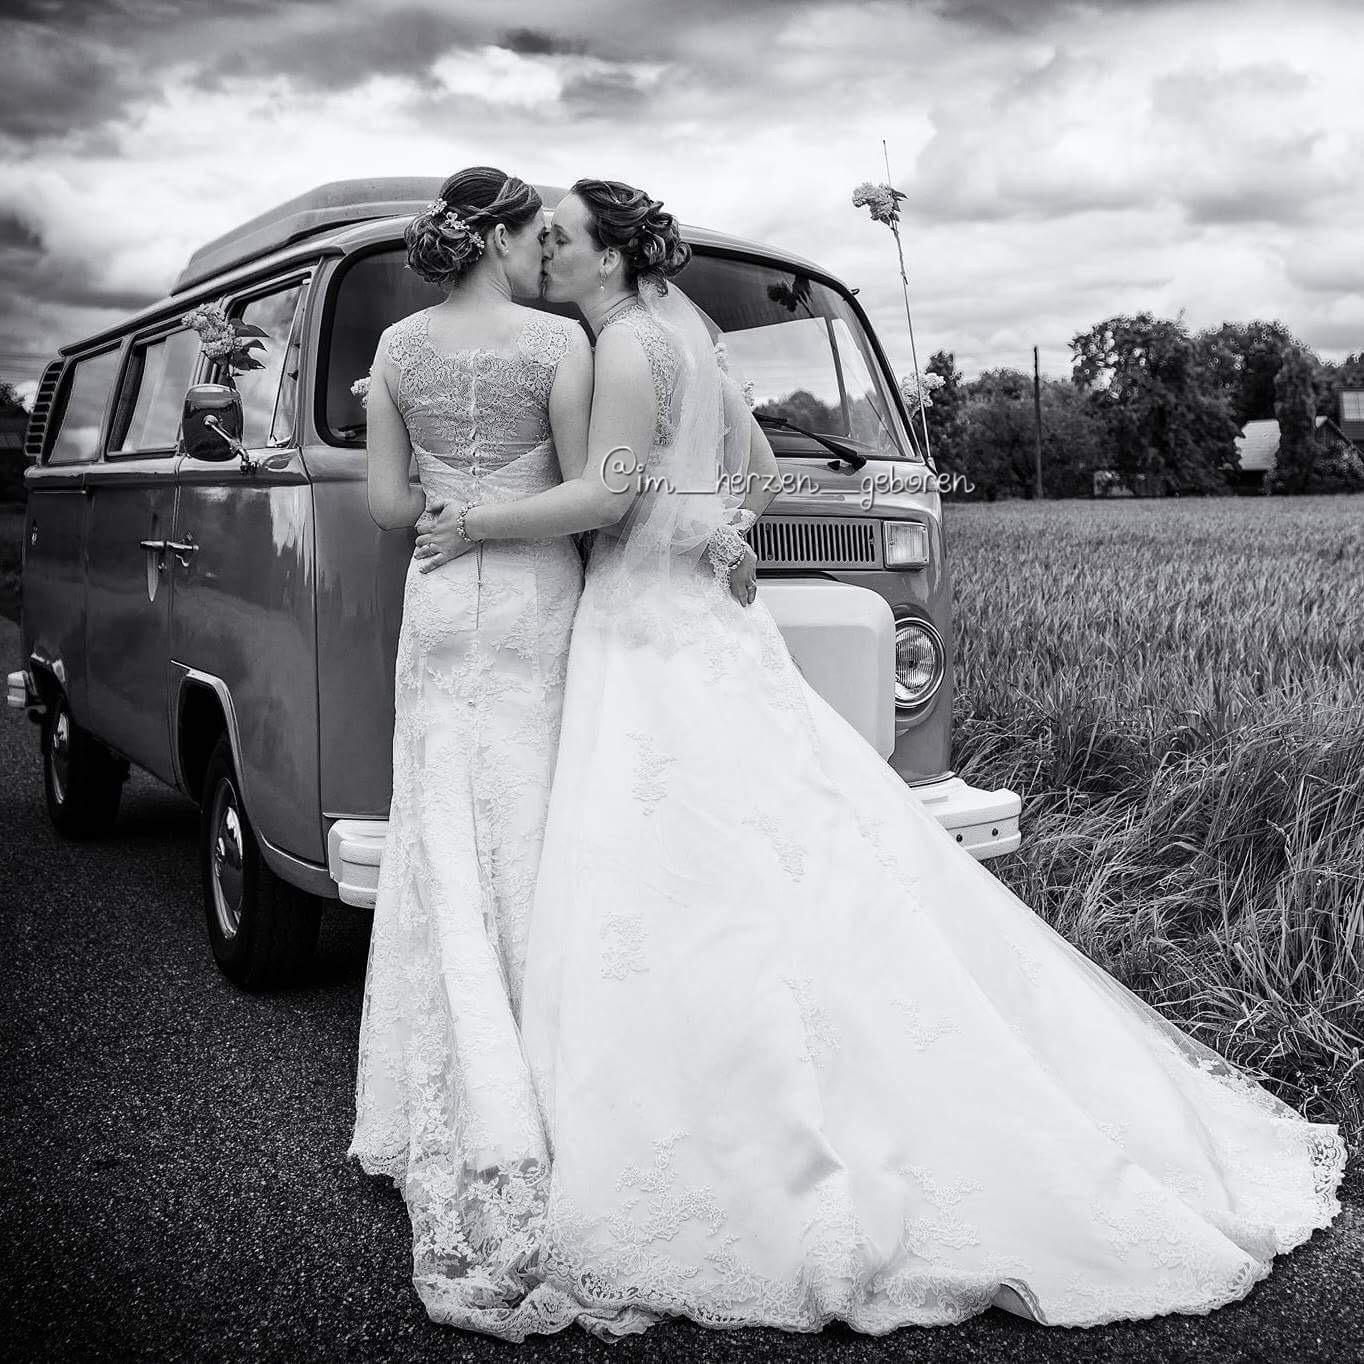 Regenbogenfamilie homosexuelle Frauen heiraten Ehe für alle